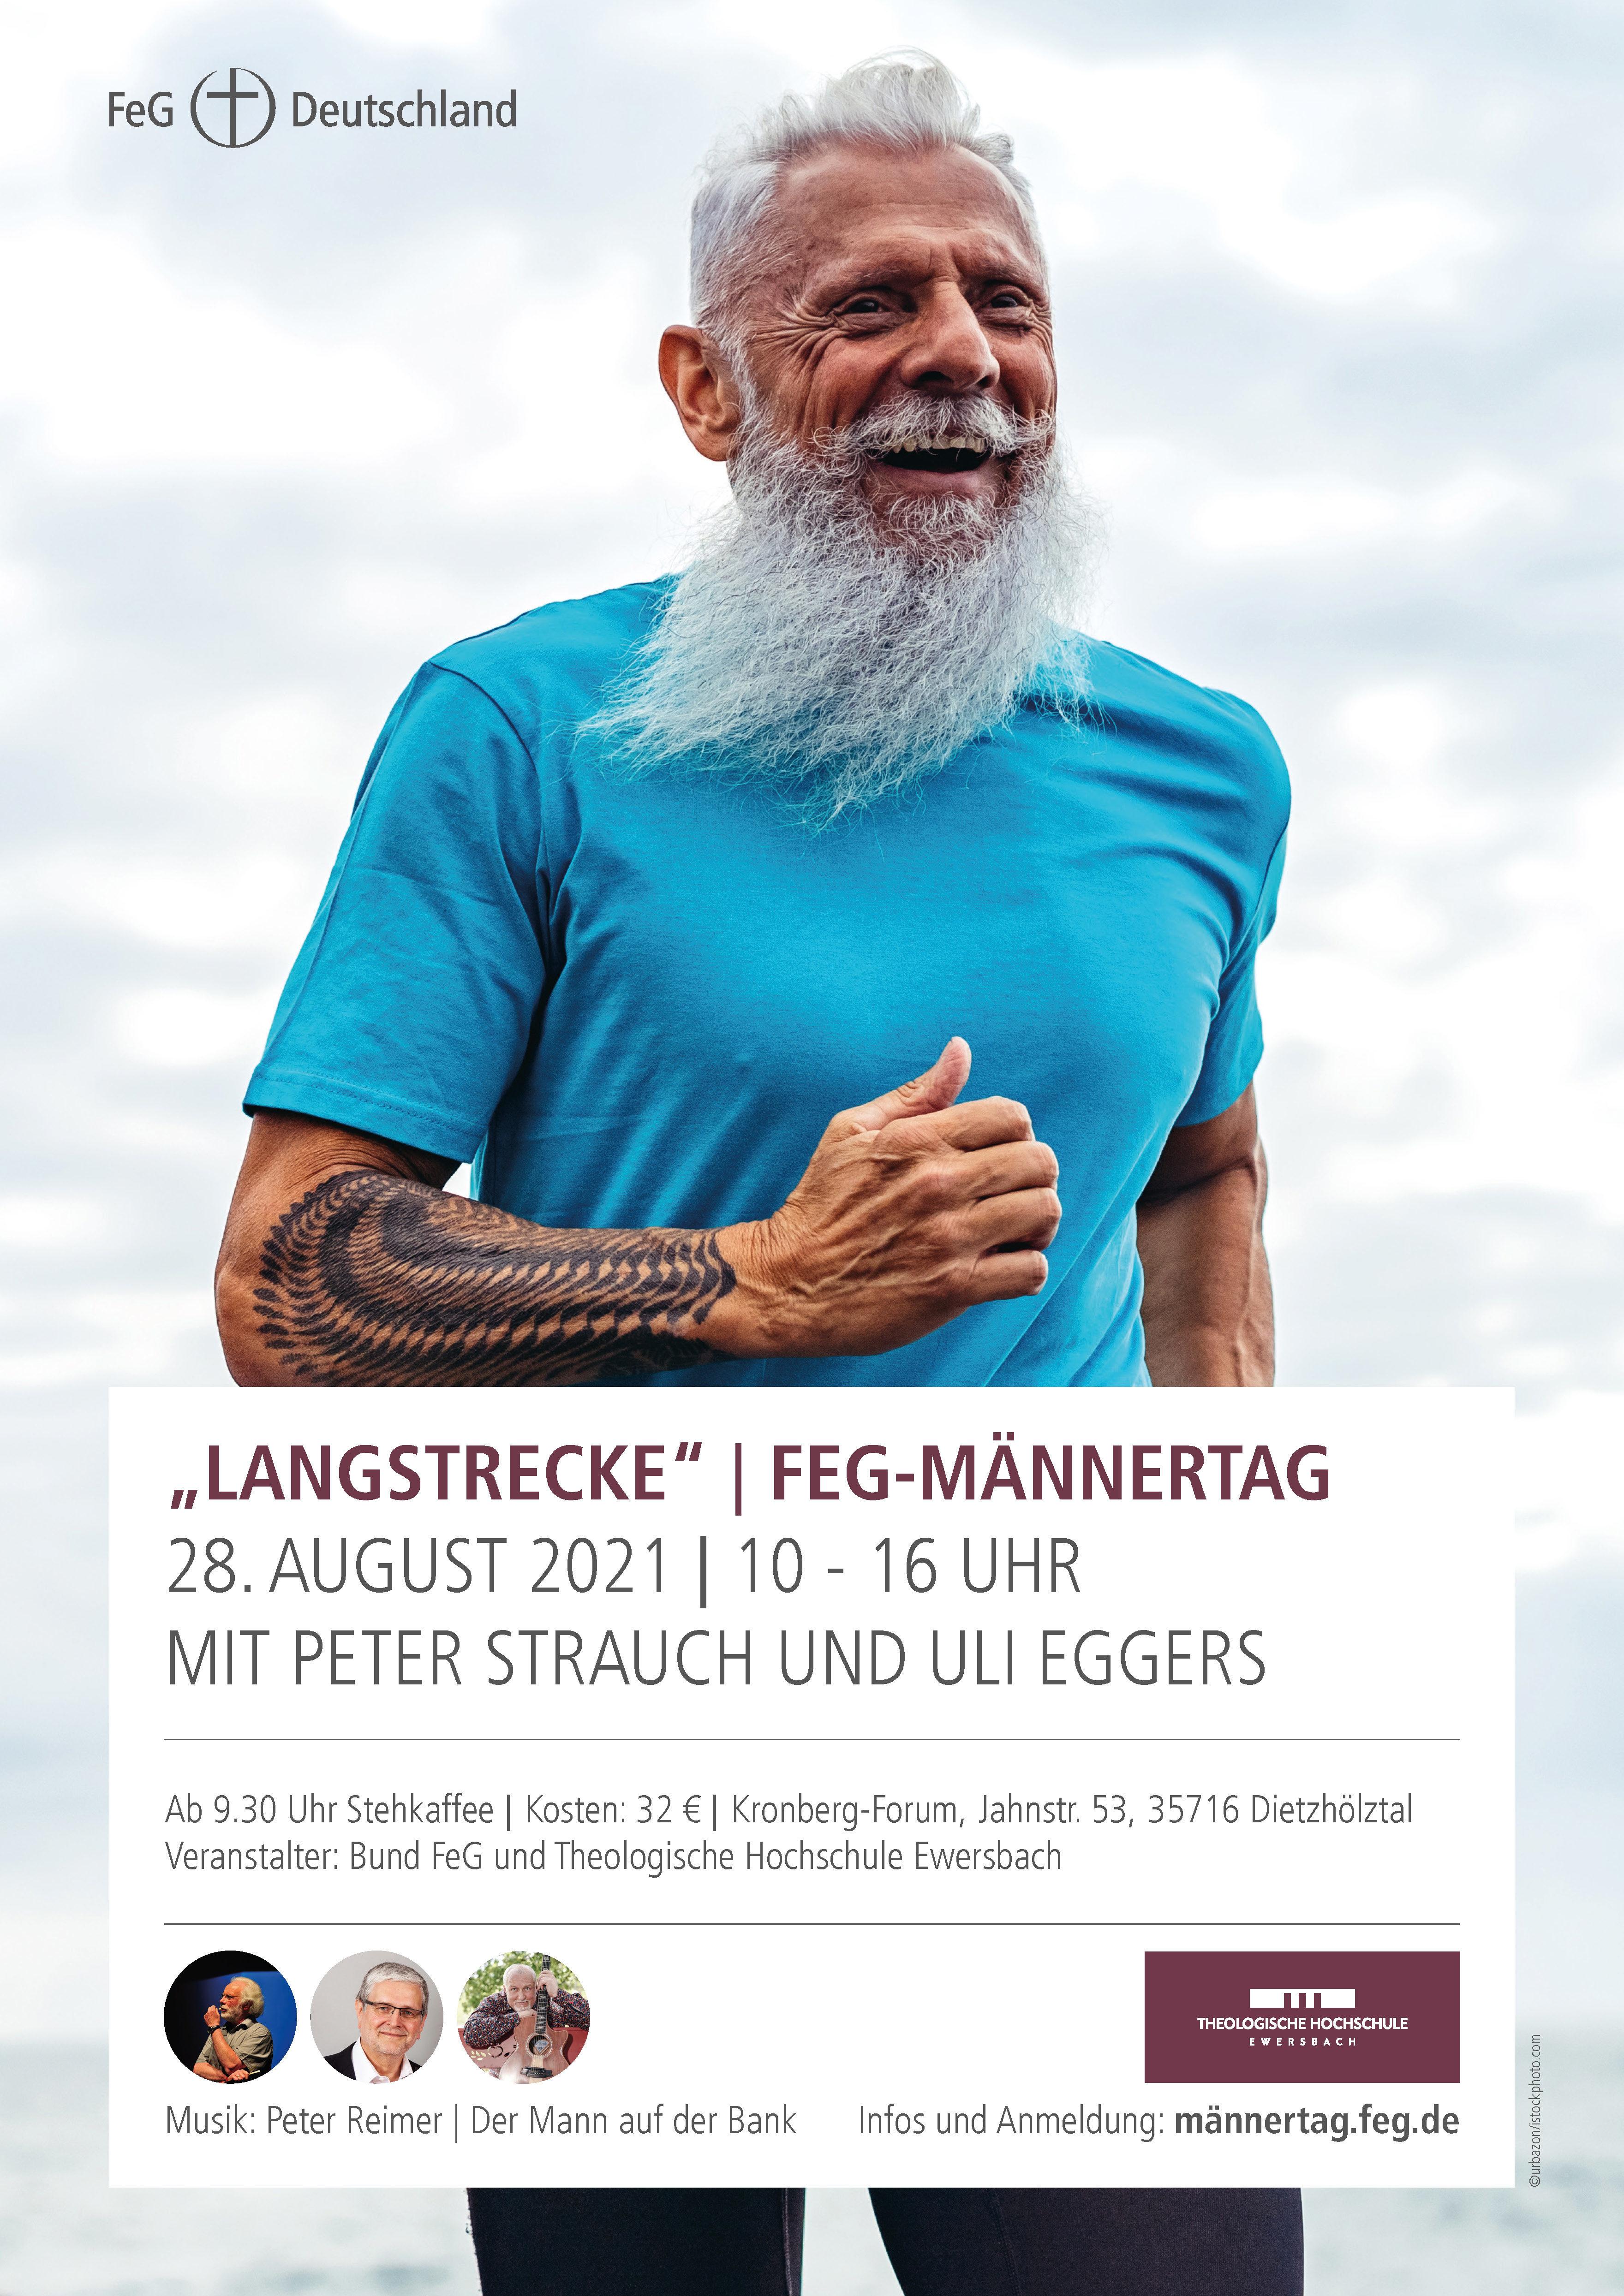 FeG-Männertag 2021 | LANGSTRECKE